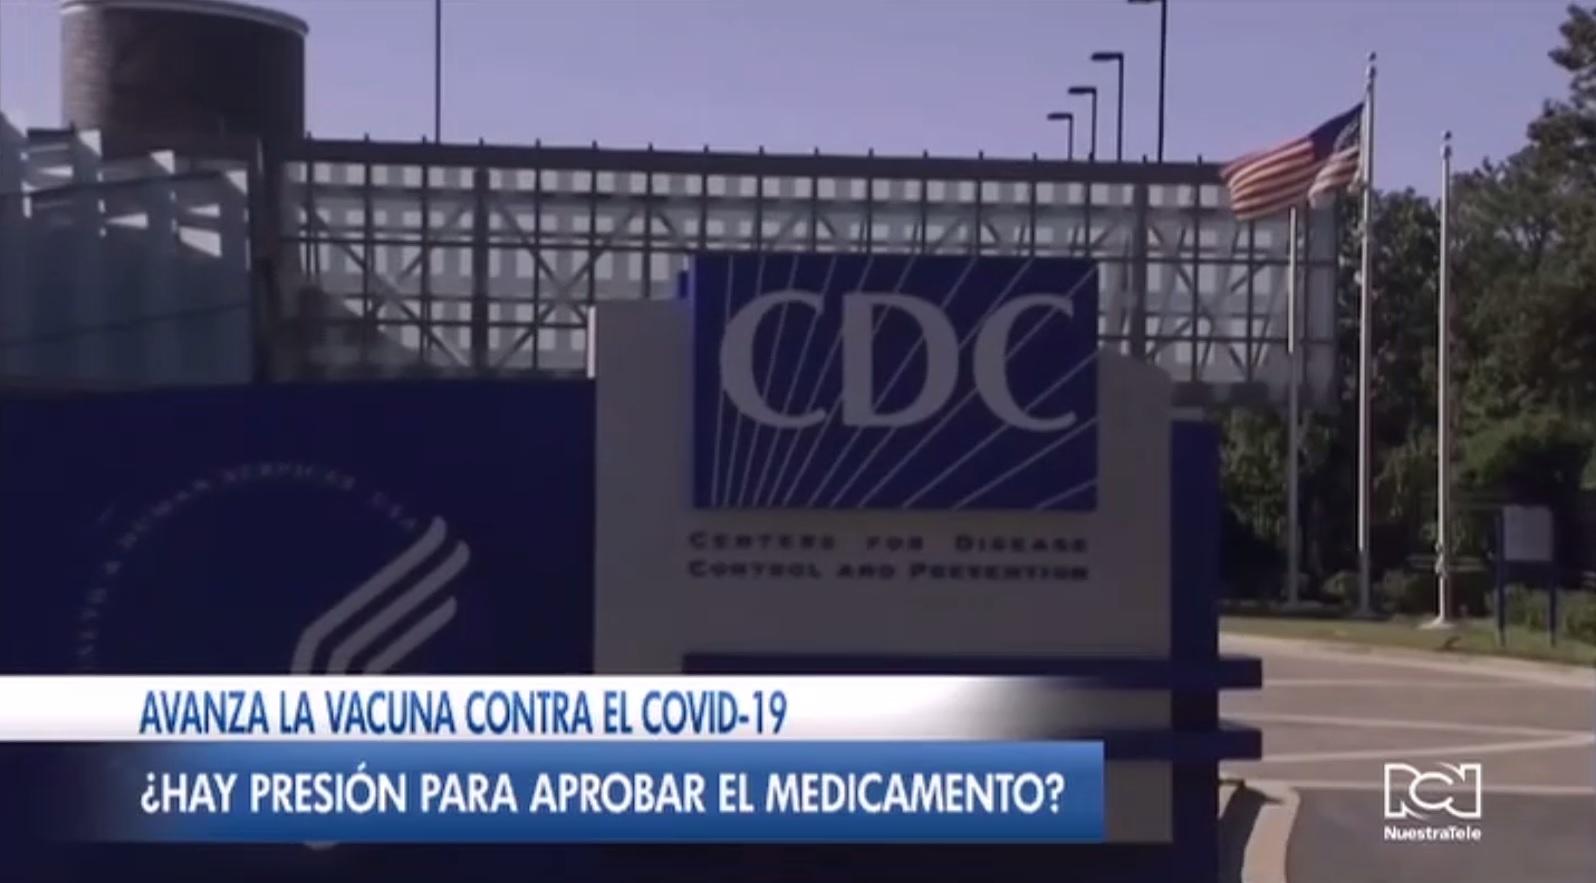 ¿Hay presión para aprobar la vacuna contra el Covid-19 en Estados Unidos?